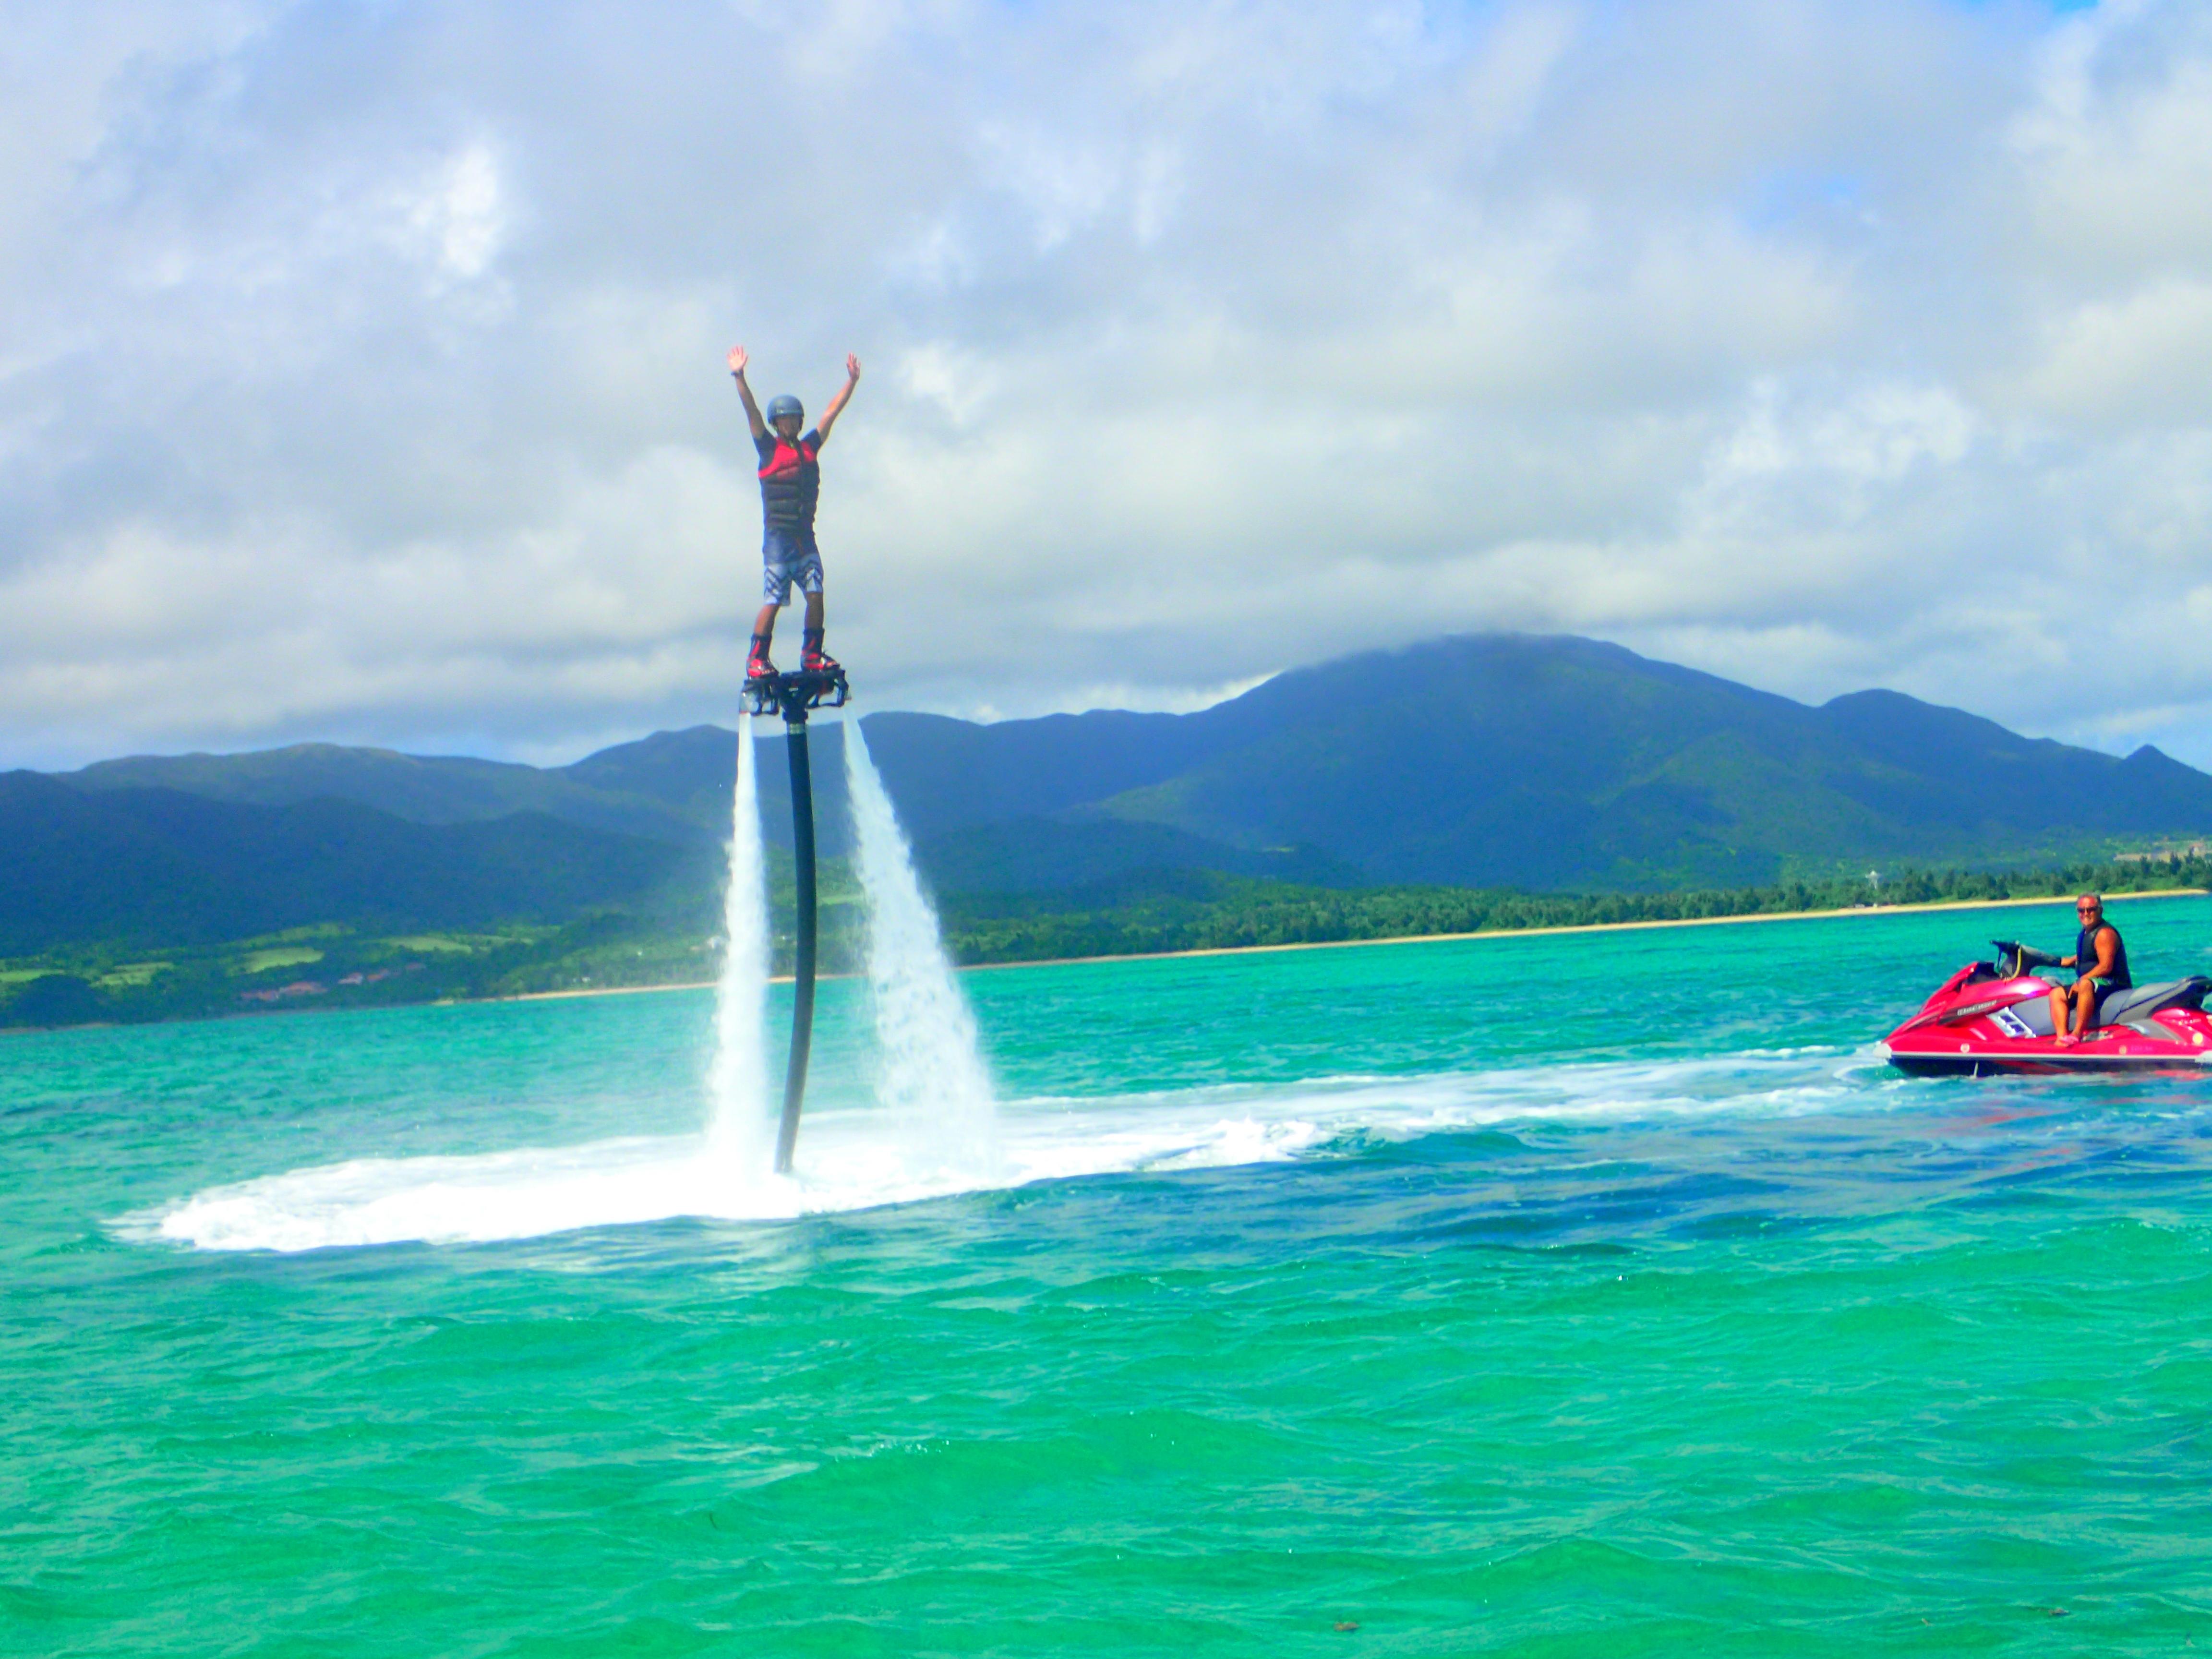 フライボード体験(30分)&マリンスポーツ16種類遊び放題-半日コース-もれなく竹富島行き乗船券プレゼント!(No.404)